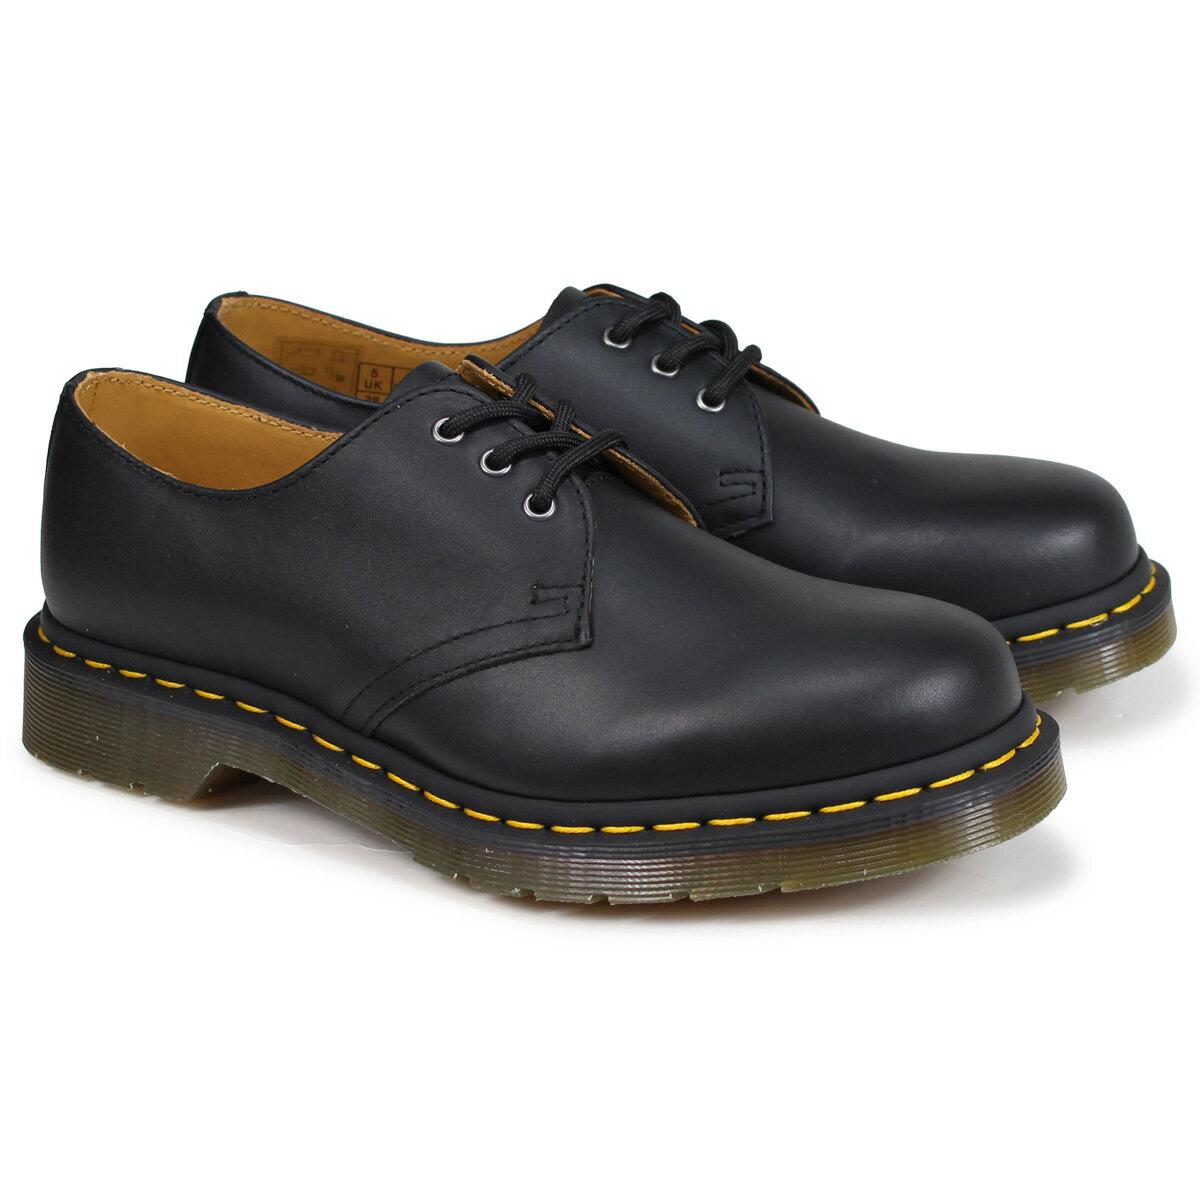 ブーツ, その他 Dr.Martens 3EYE GIBSON SHOES 1461 3 R1183800